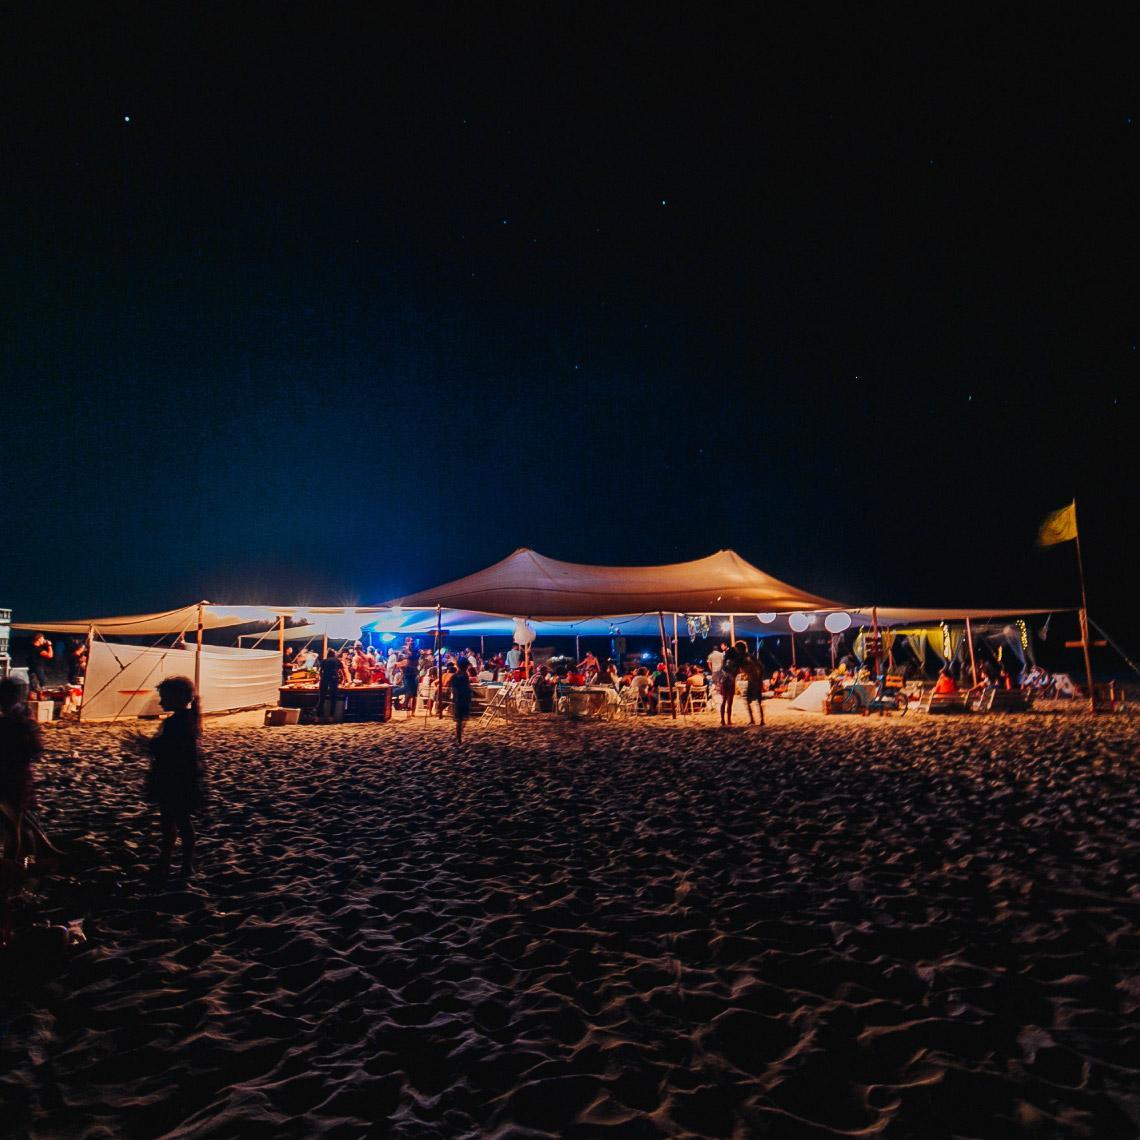 יום גיבוש וכיף על החוף - מרפסת בטבע